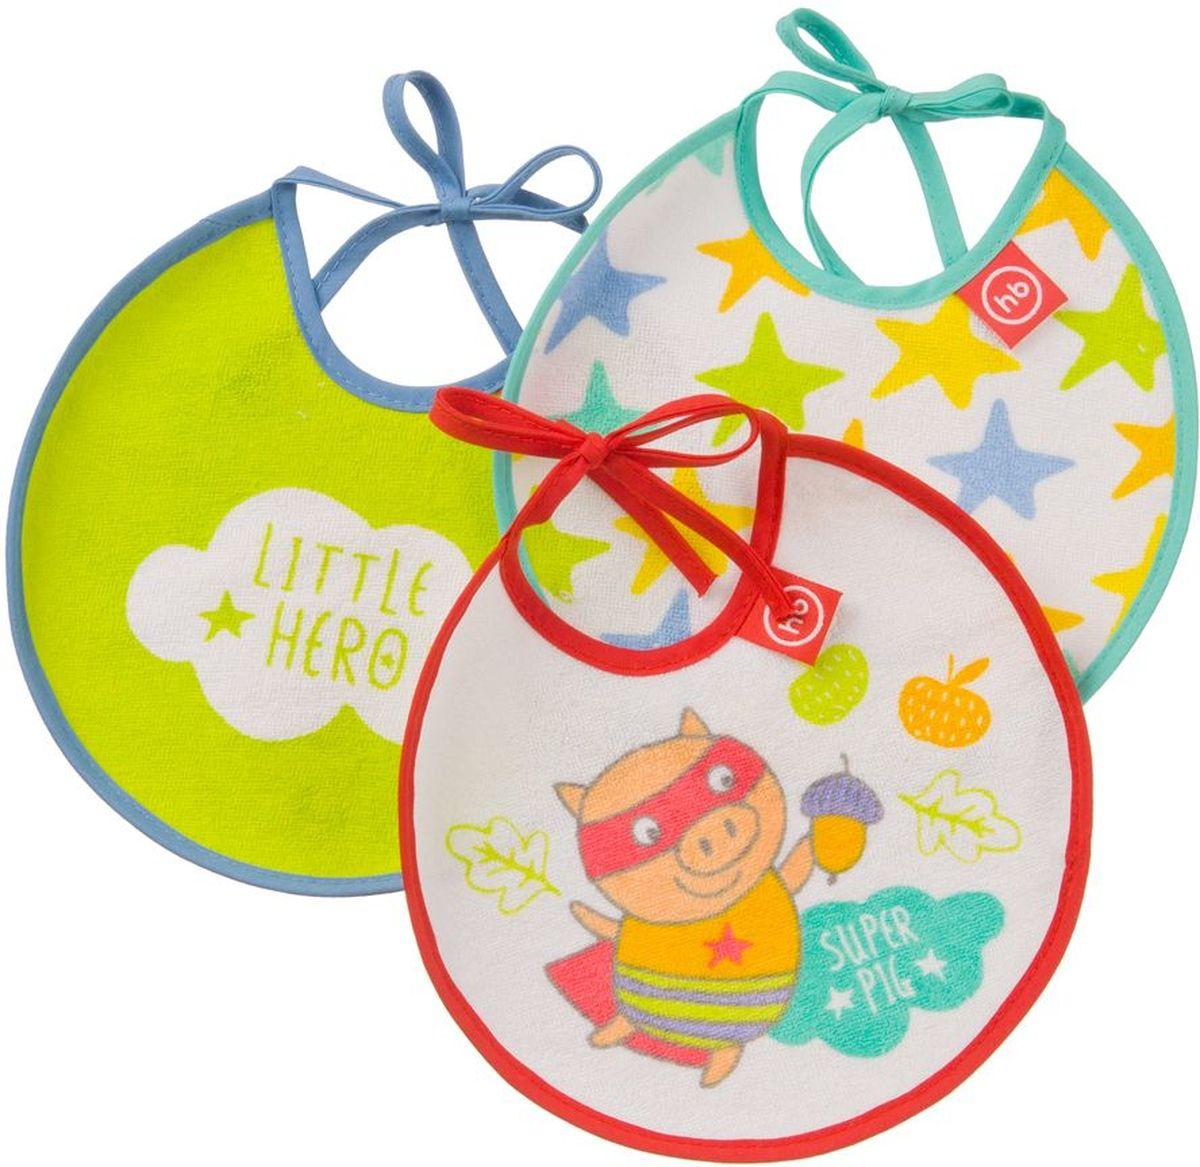 Happy Baby Набор нагрудных фартуков Маленький герой 3 шт